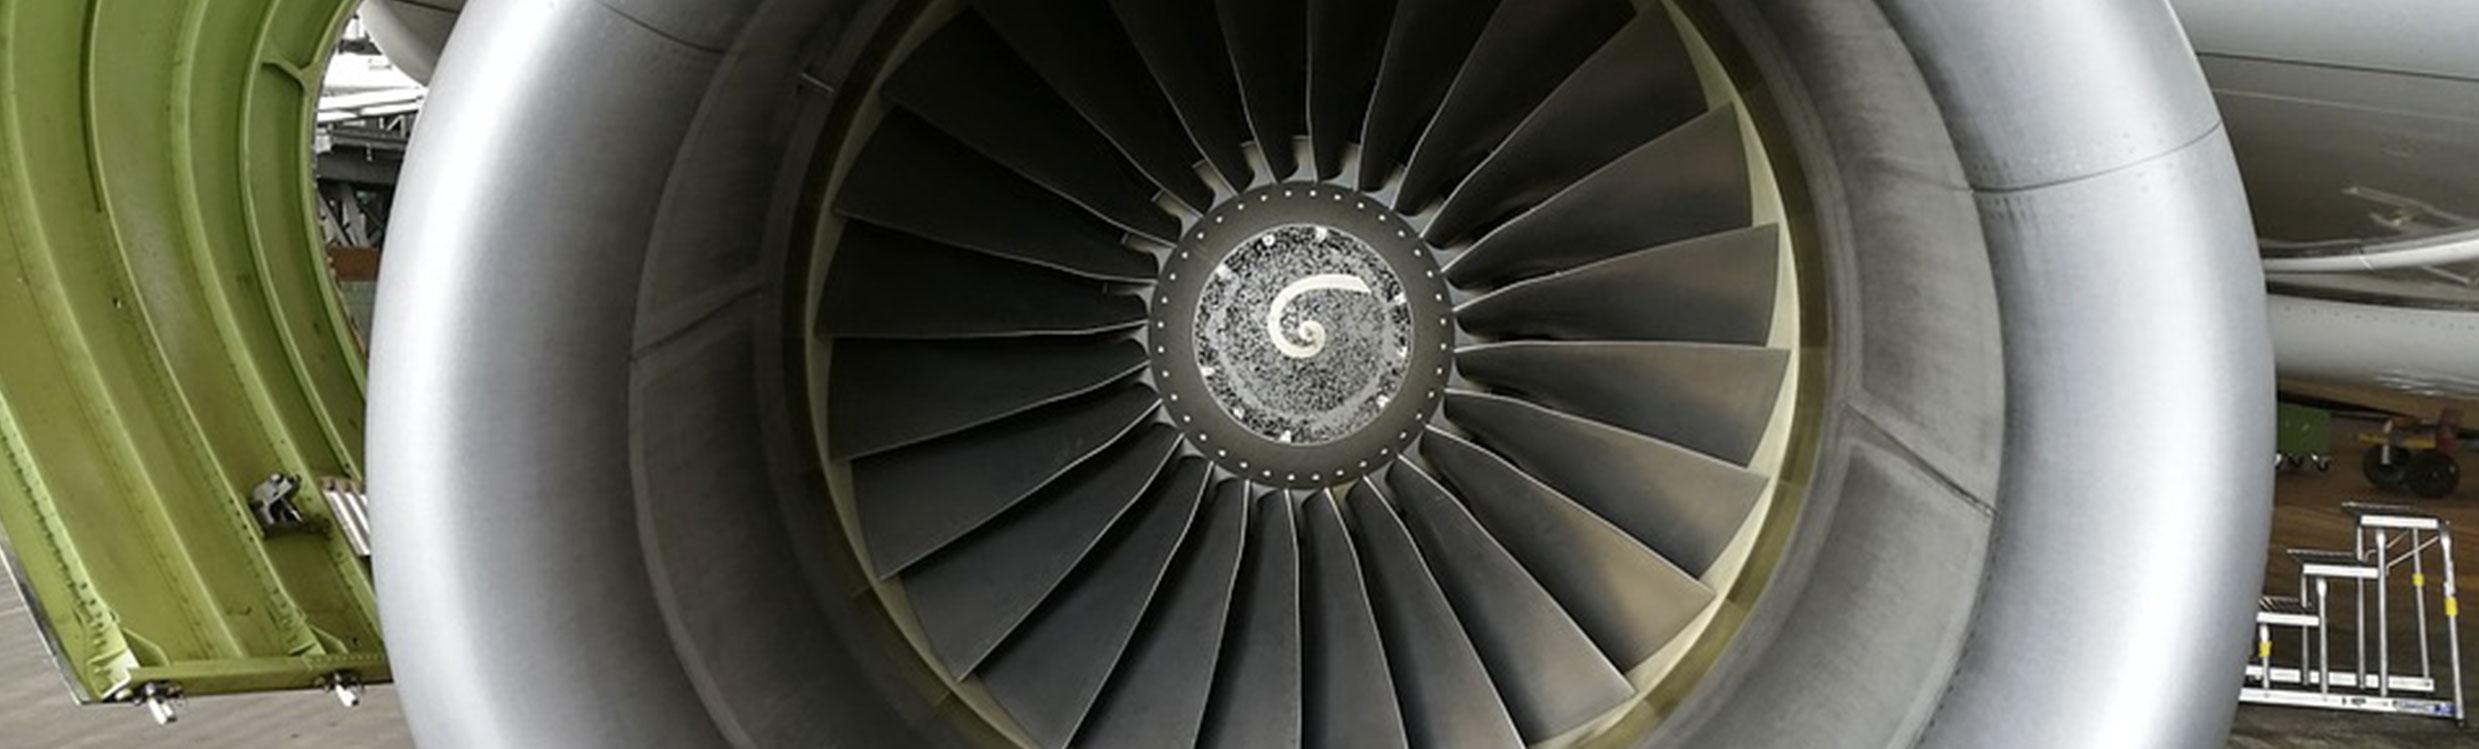 Ingénierie aéronautique